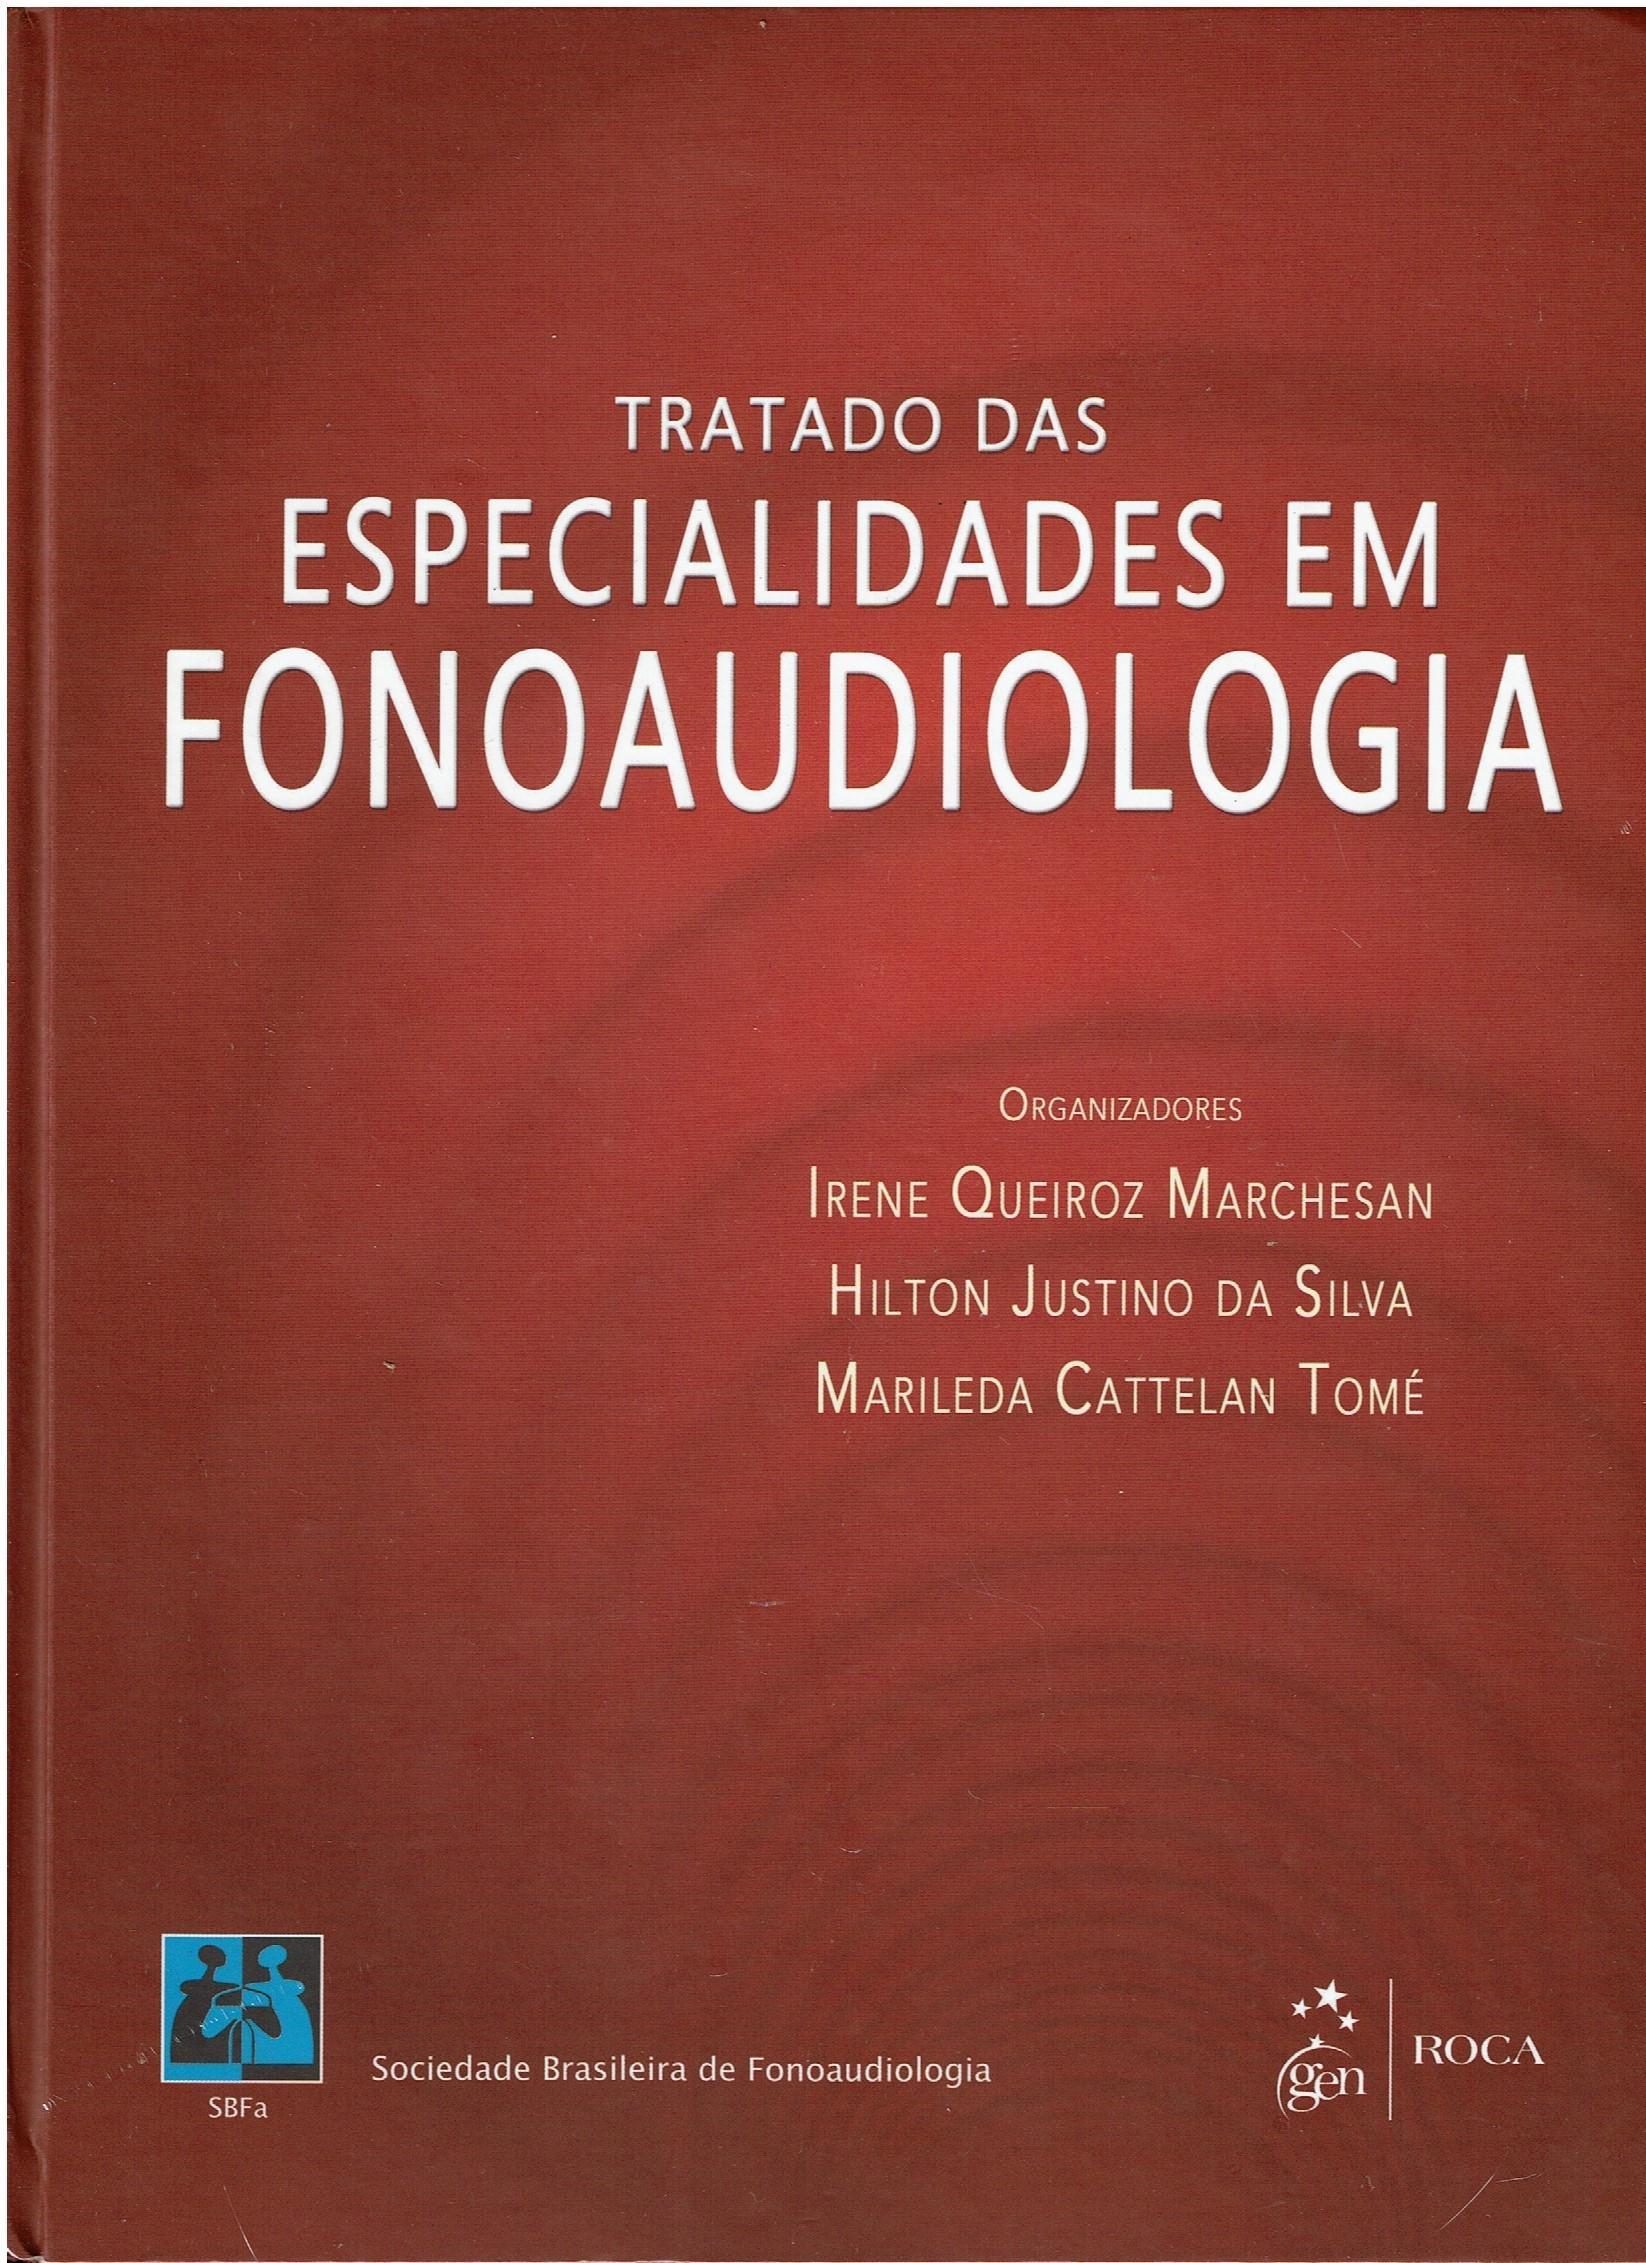 Tratado das ESPECIALIDADES EM FONOAUDIOLOGIA